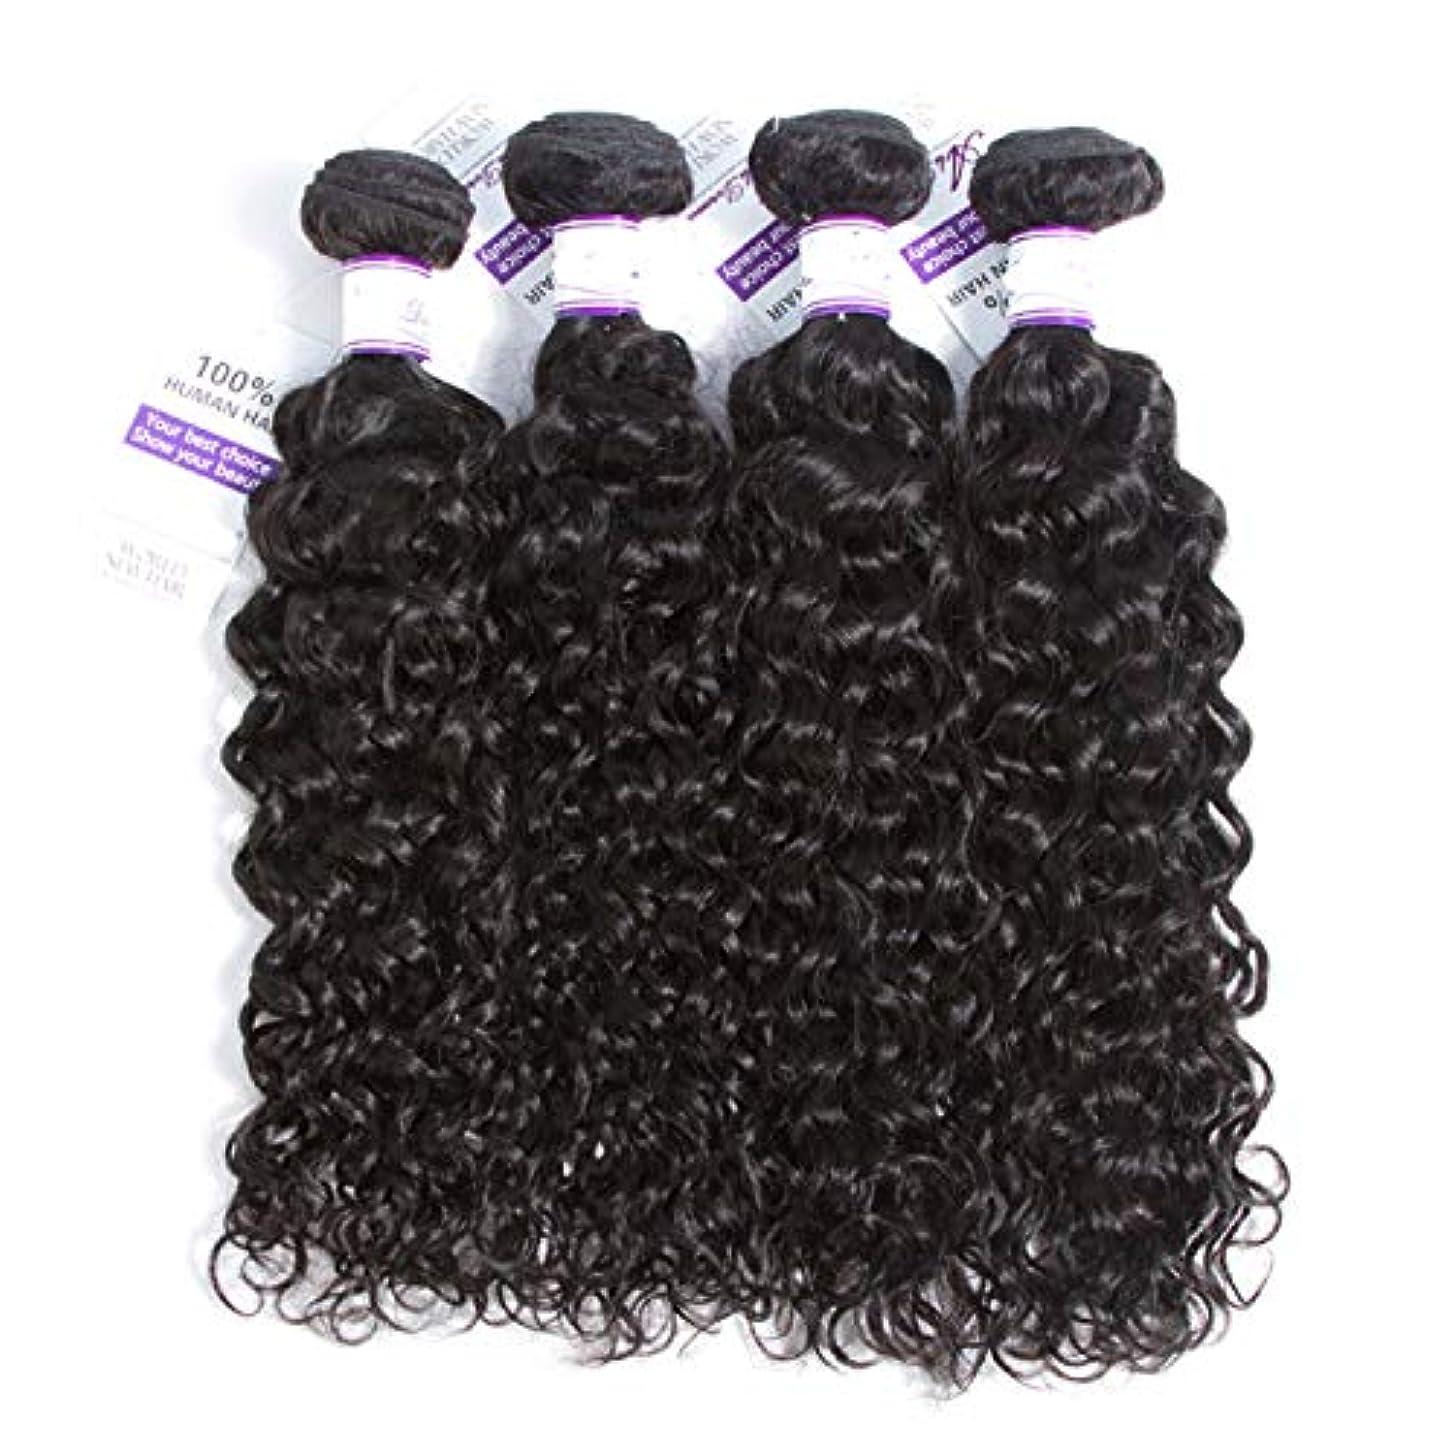 既婚くつろぐ着るマレーシアの水の波髪4個人間の髪の毛の束非レミーの毛延長ナチュラルブラック (Length : 26 26 28 28)